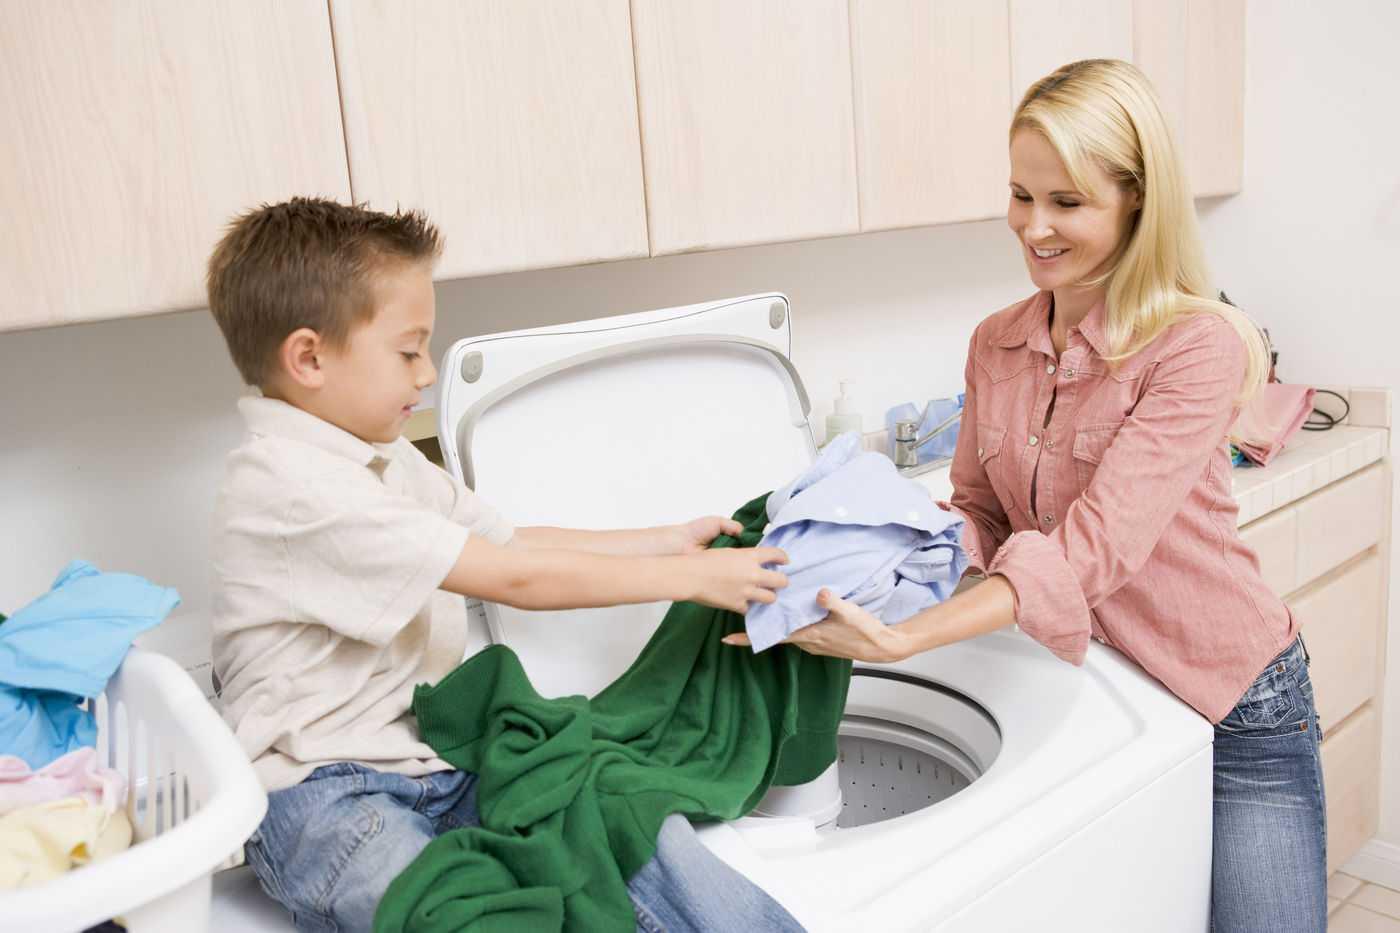 Домашние обязанности по возрасту ребенка: составляем список. какие домашние обязанности можно поручить ребенку?